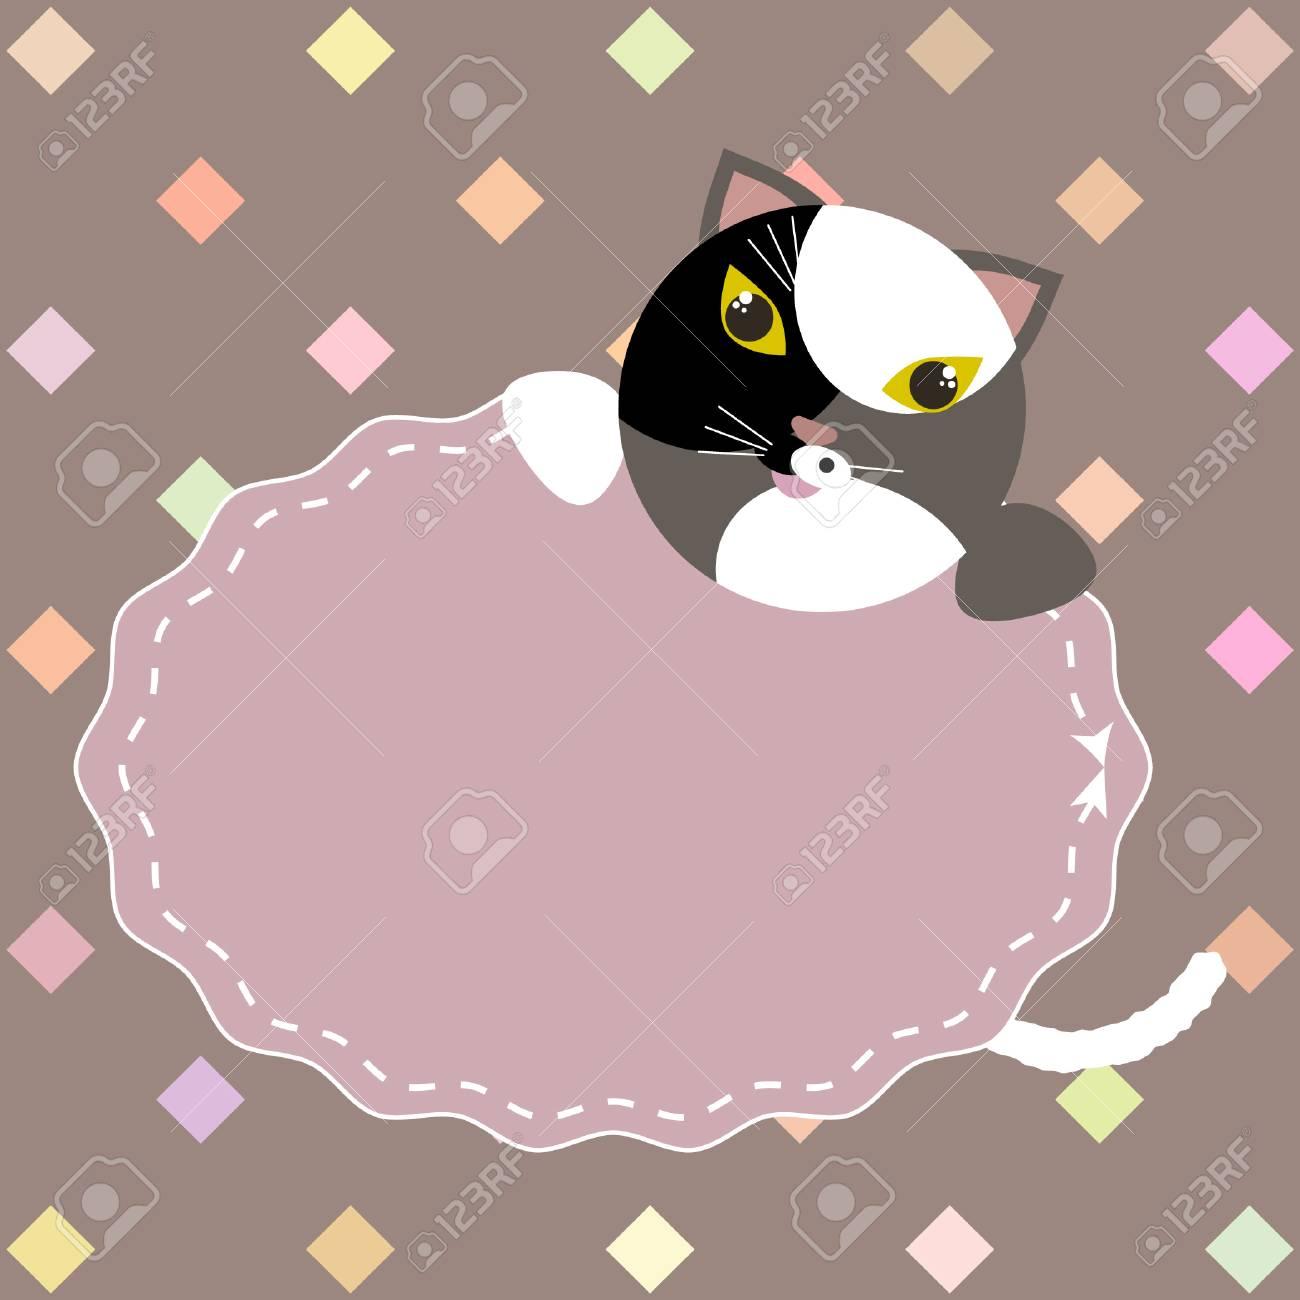 Schablone Für Postkarte, Einladung, Hochzeit, Valentinsgrußtag, Partykarte  Mit Rahmen Und Nette Katze